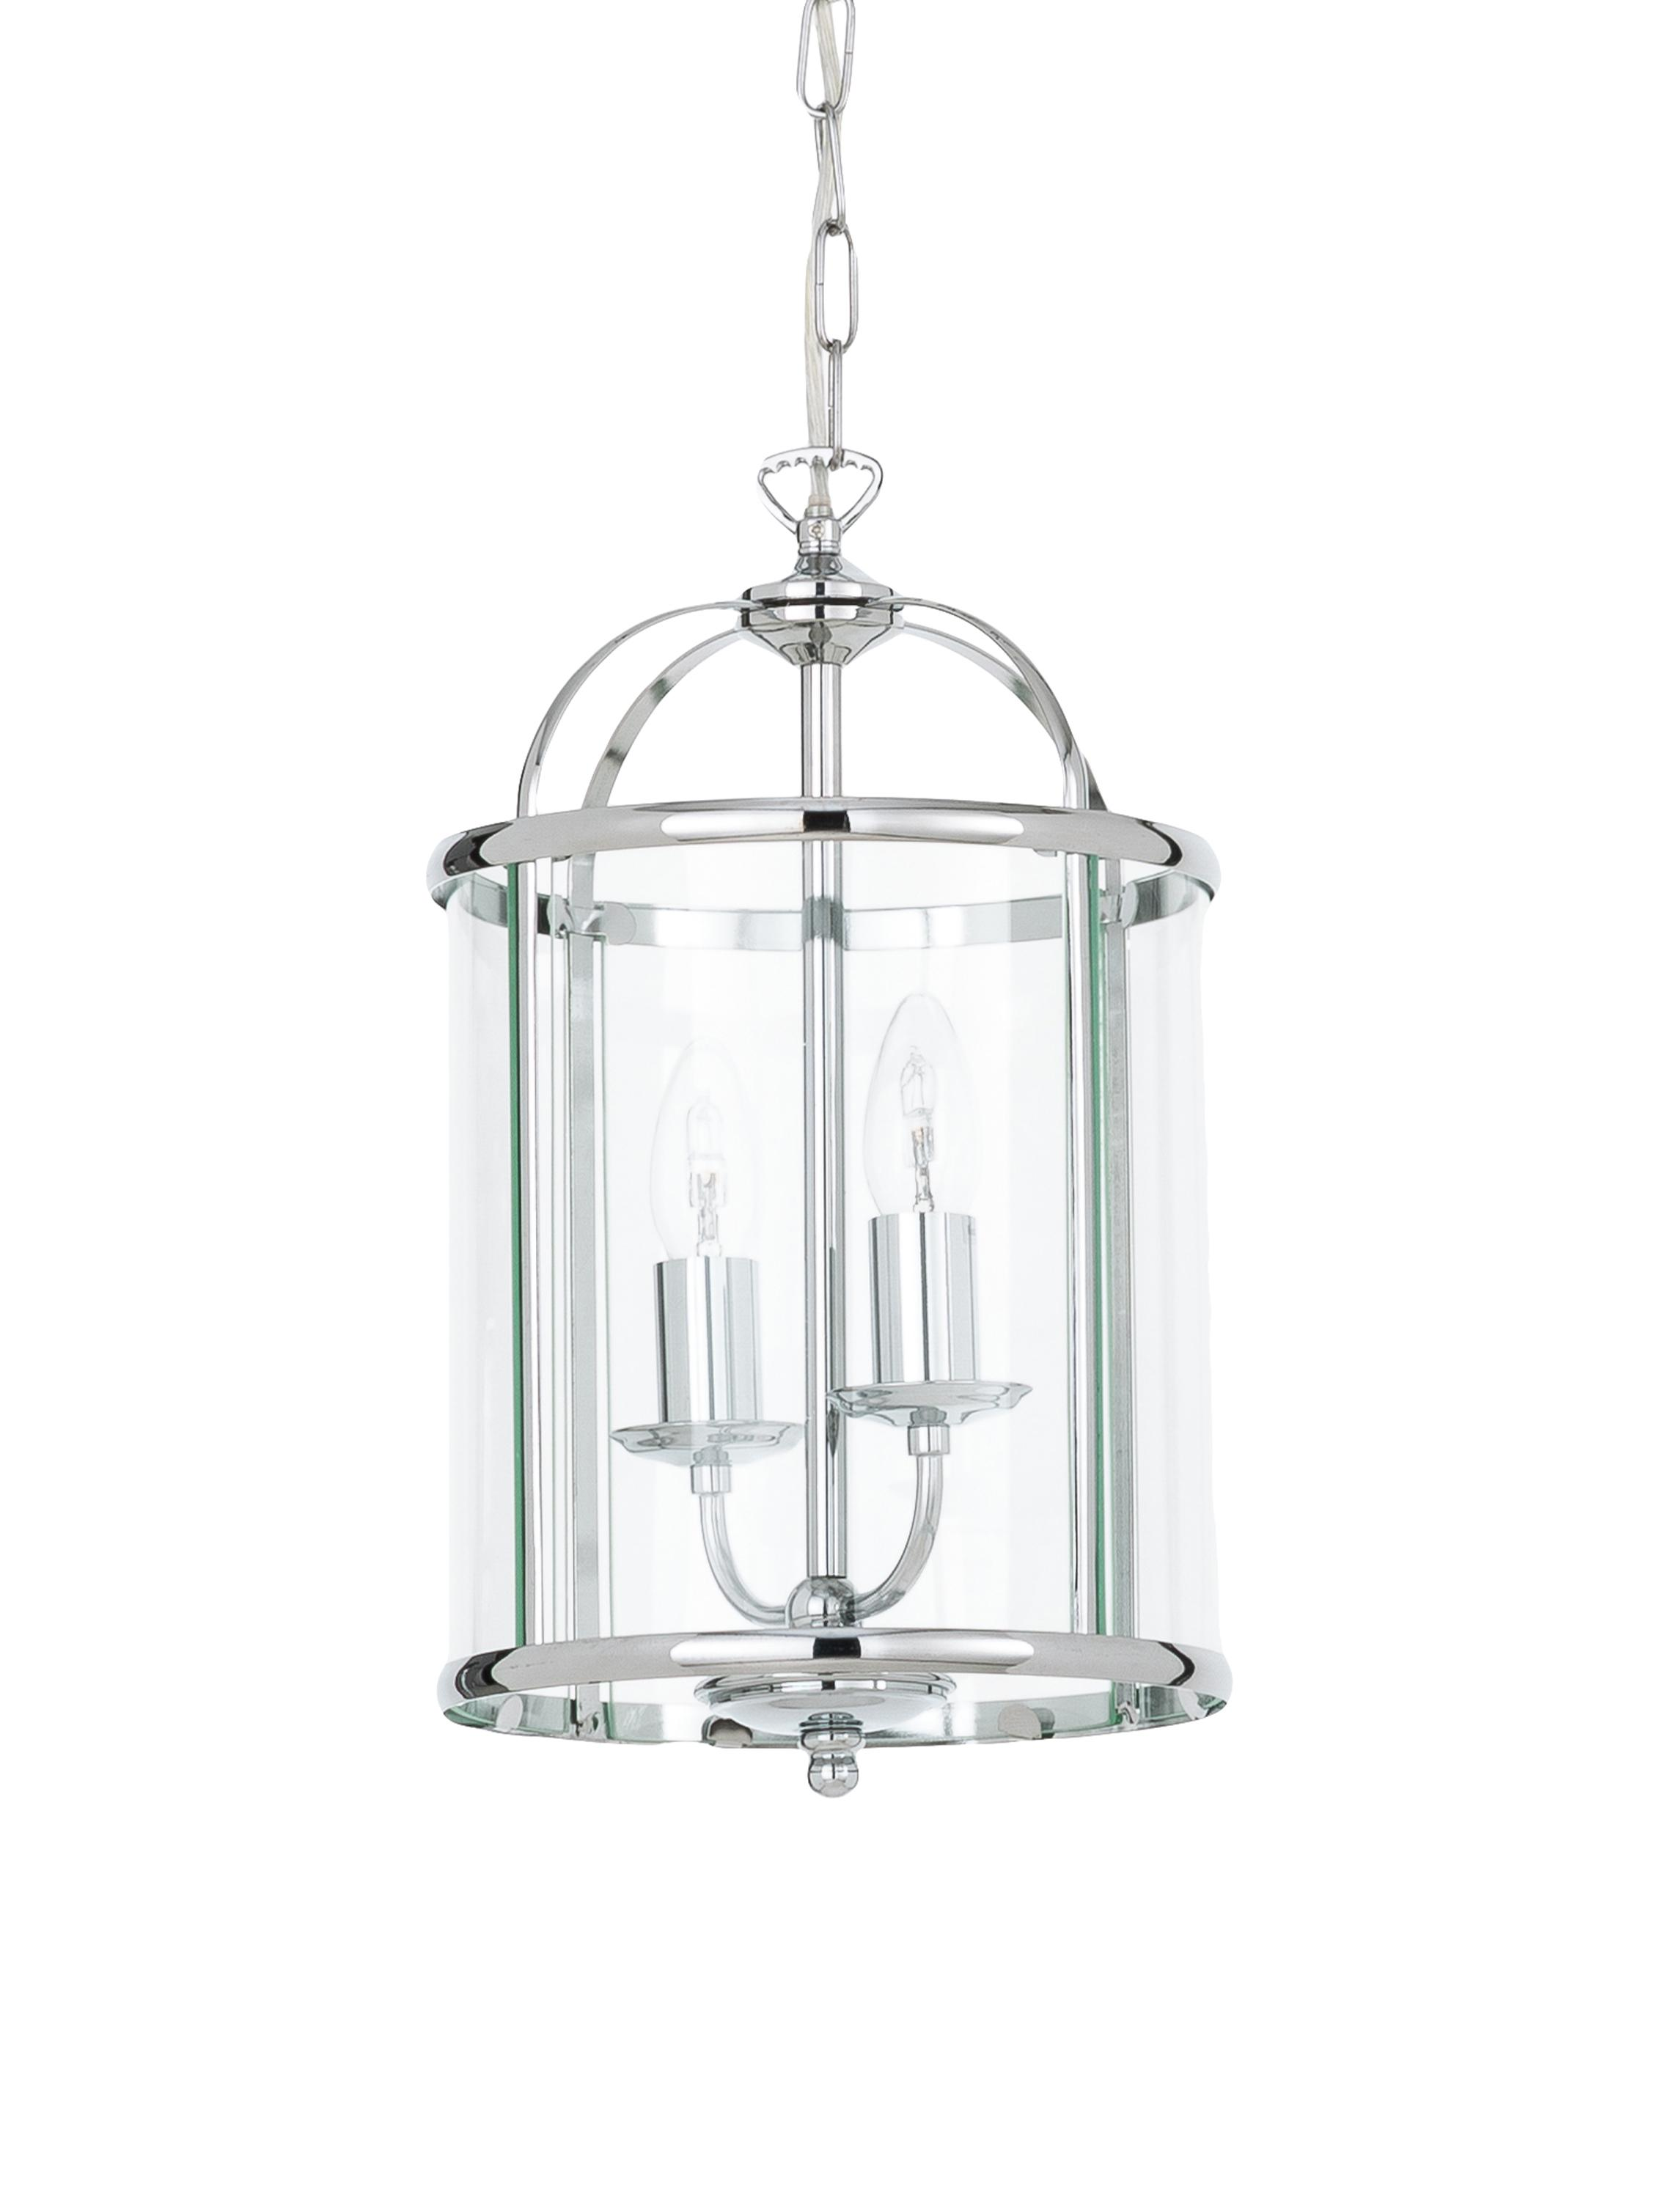 Mała lampa wisząca ze szkła Budgie, Chromowy, transparentny, Ø 23 x W 41 cm